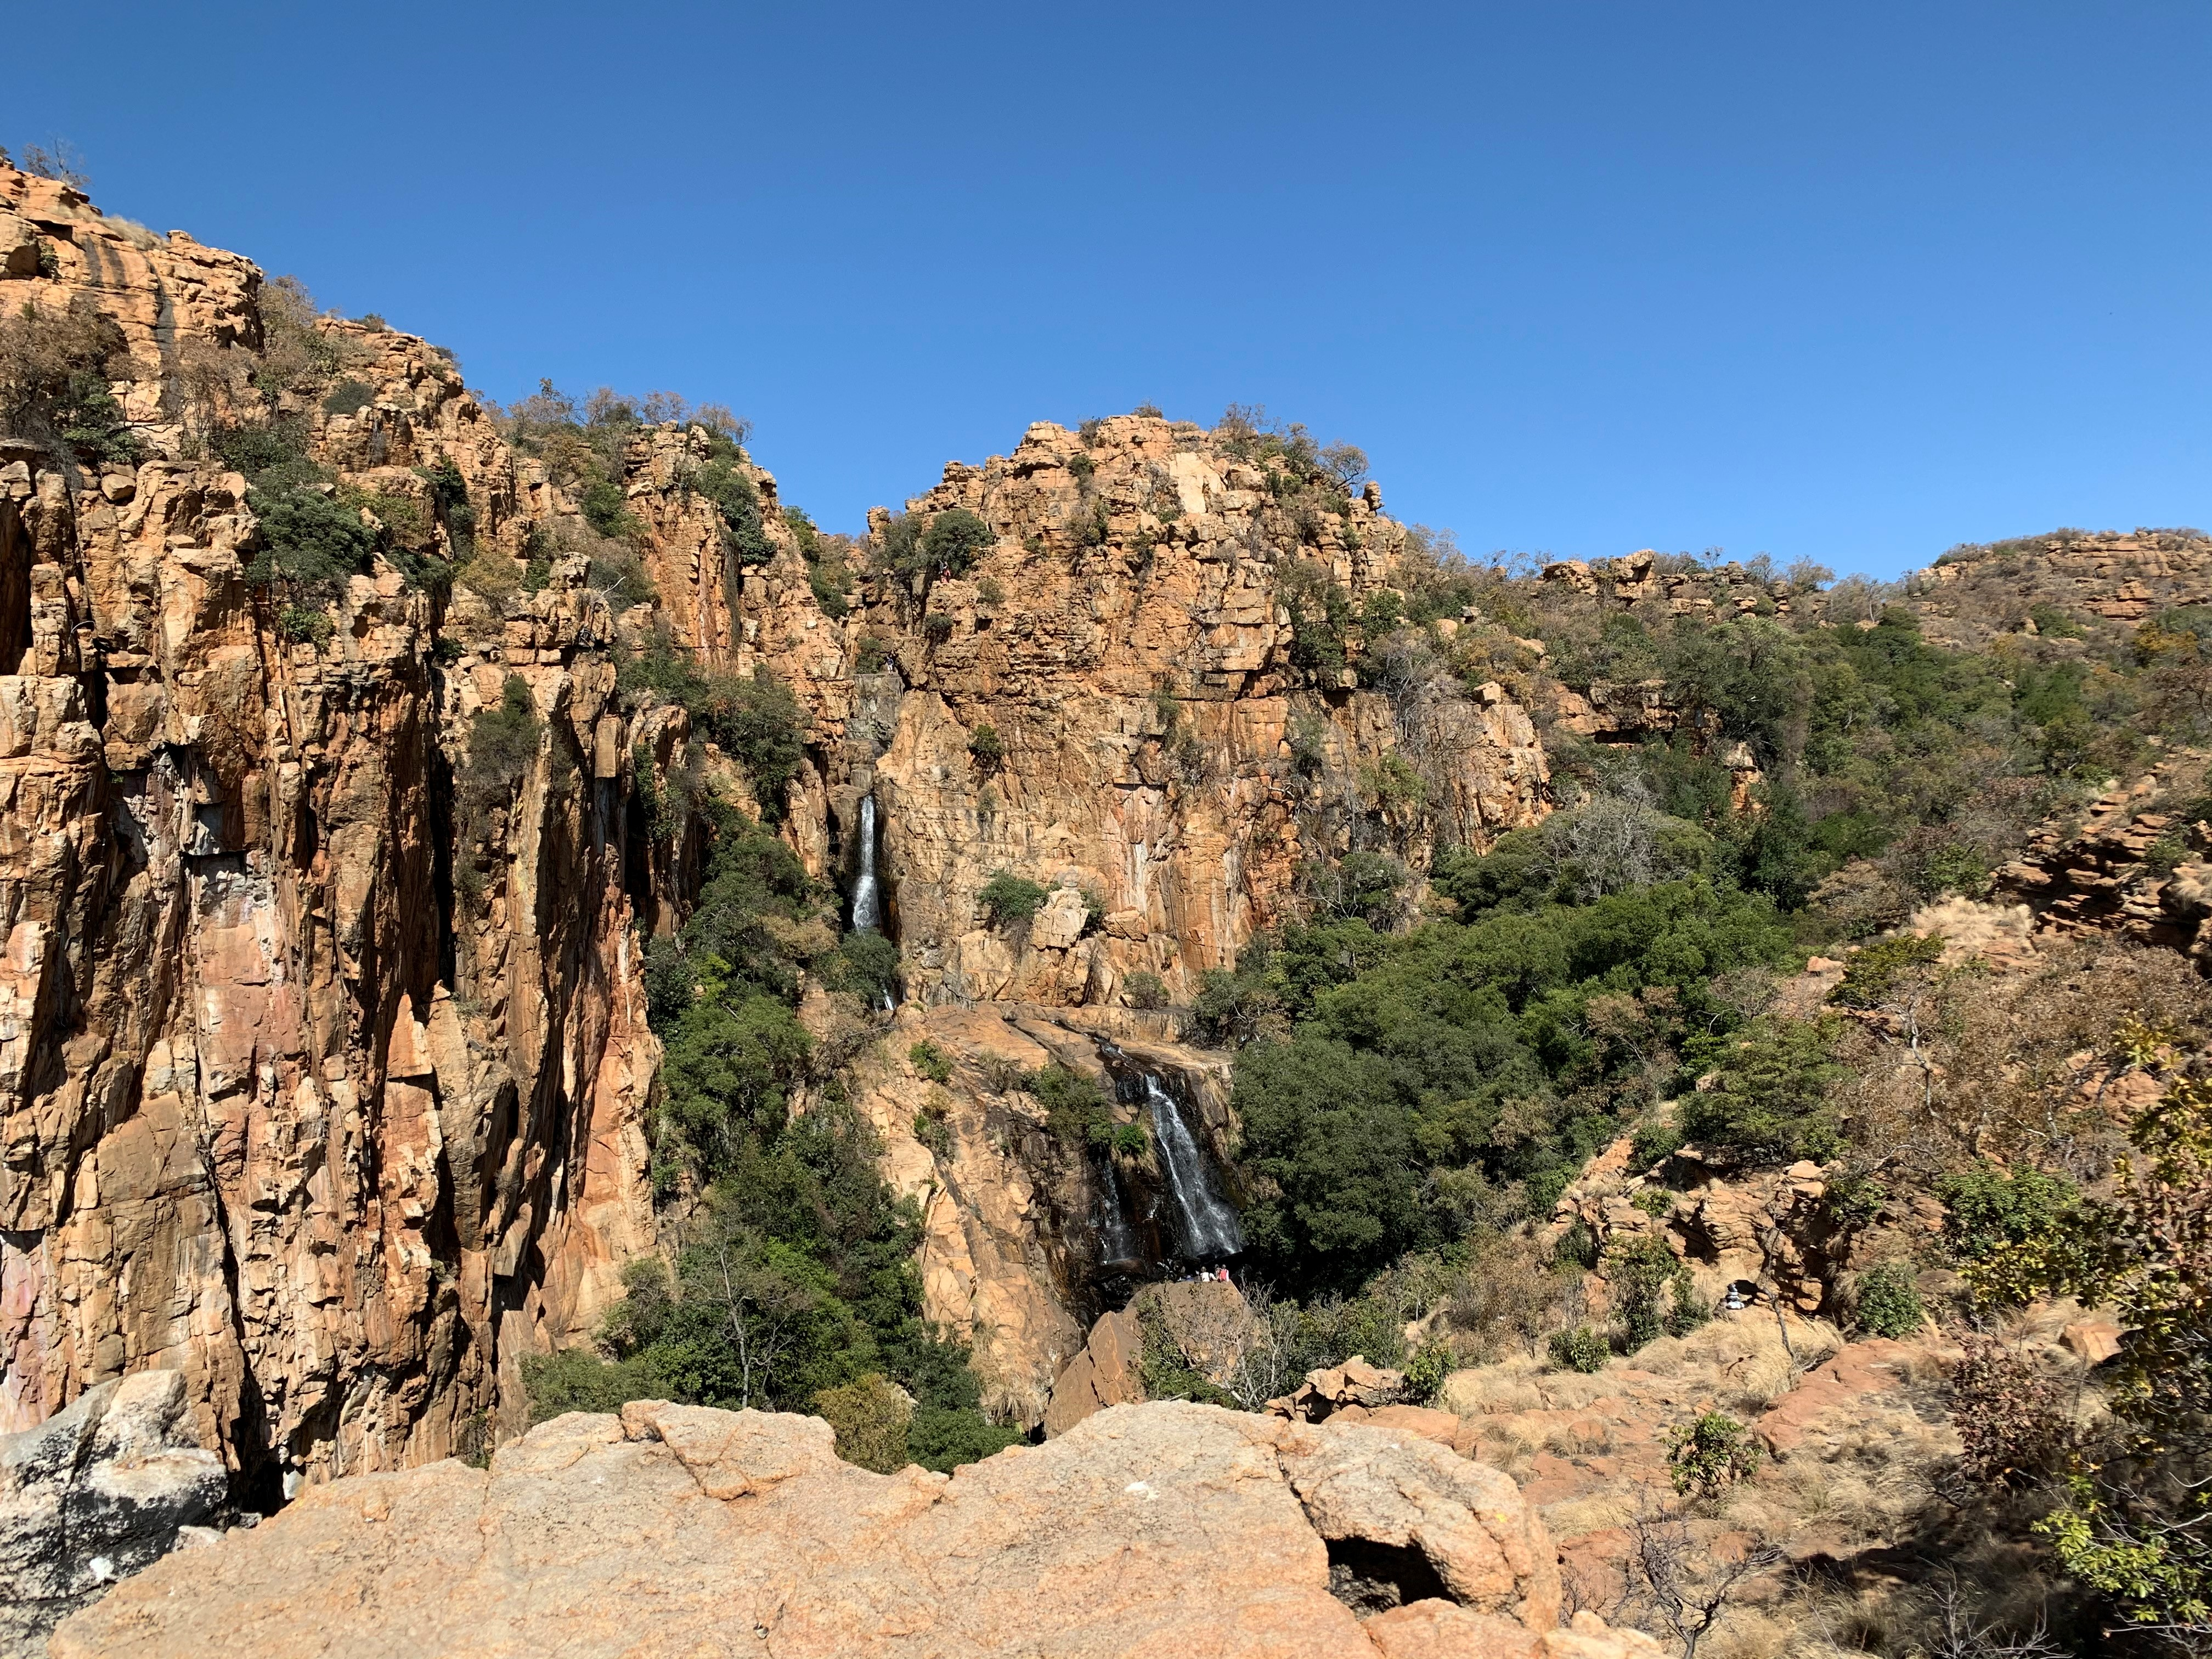 Maretlwane background